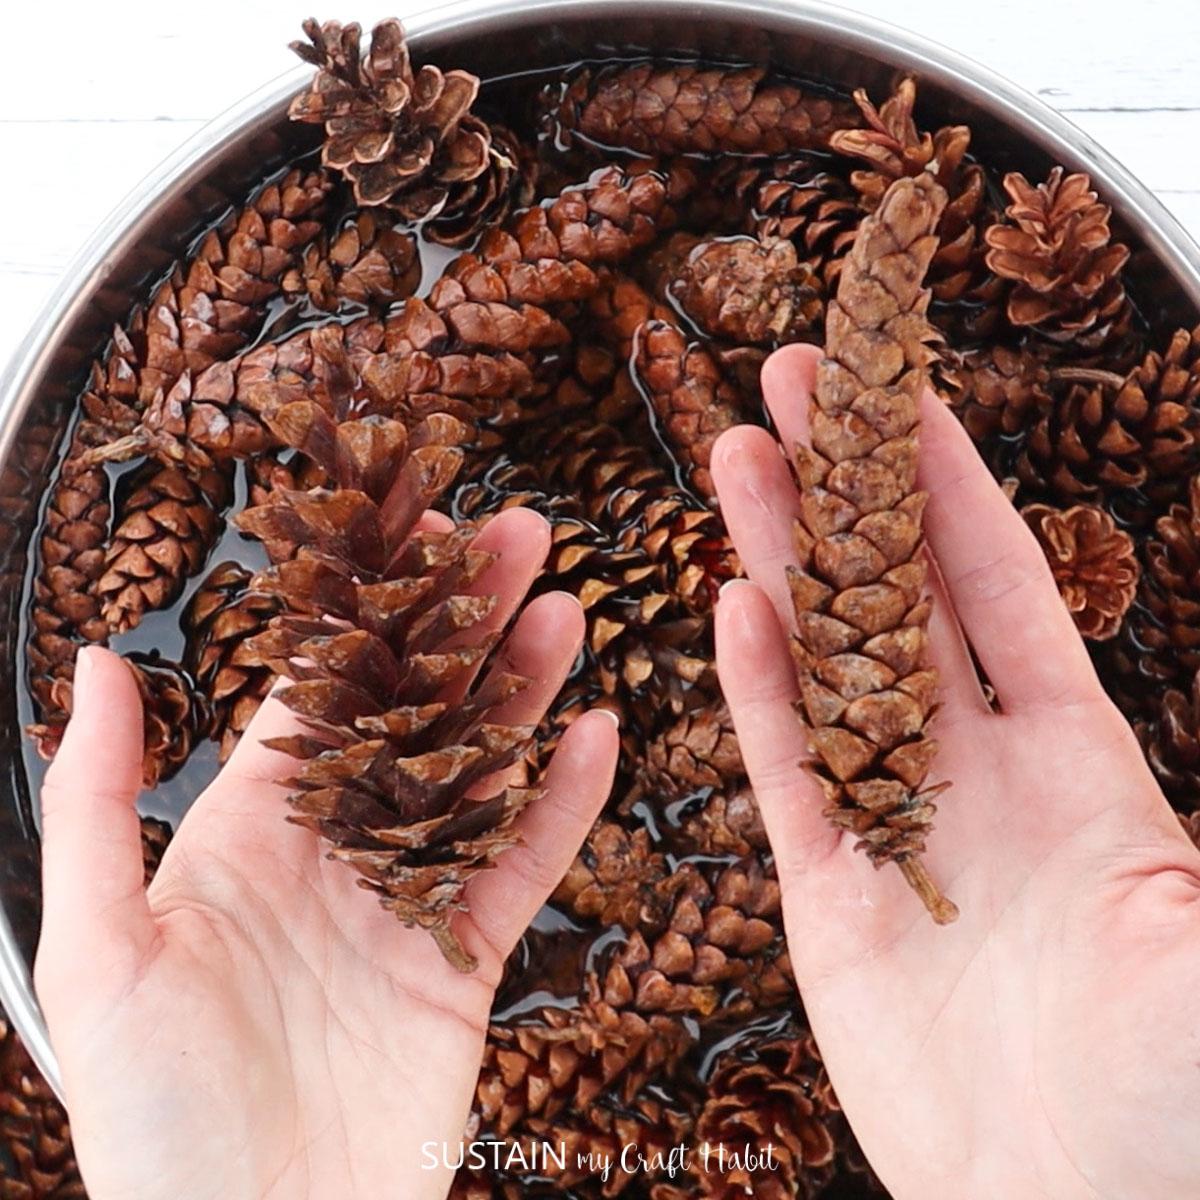 Hand holding pinecones.